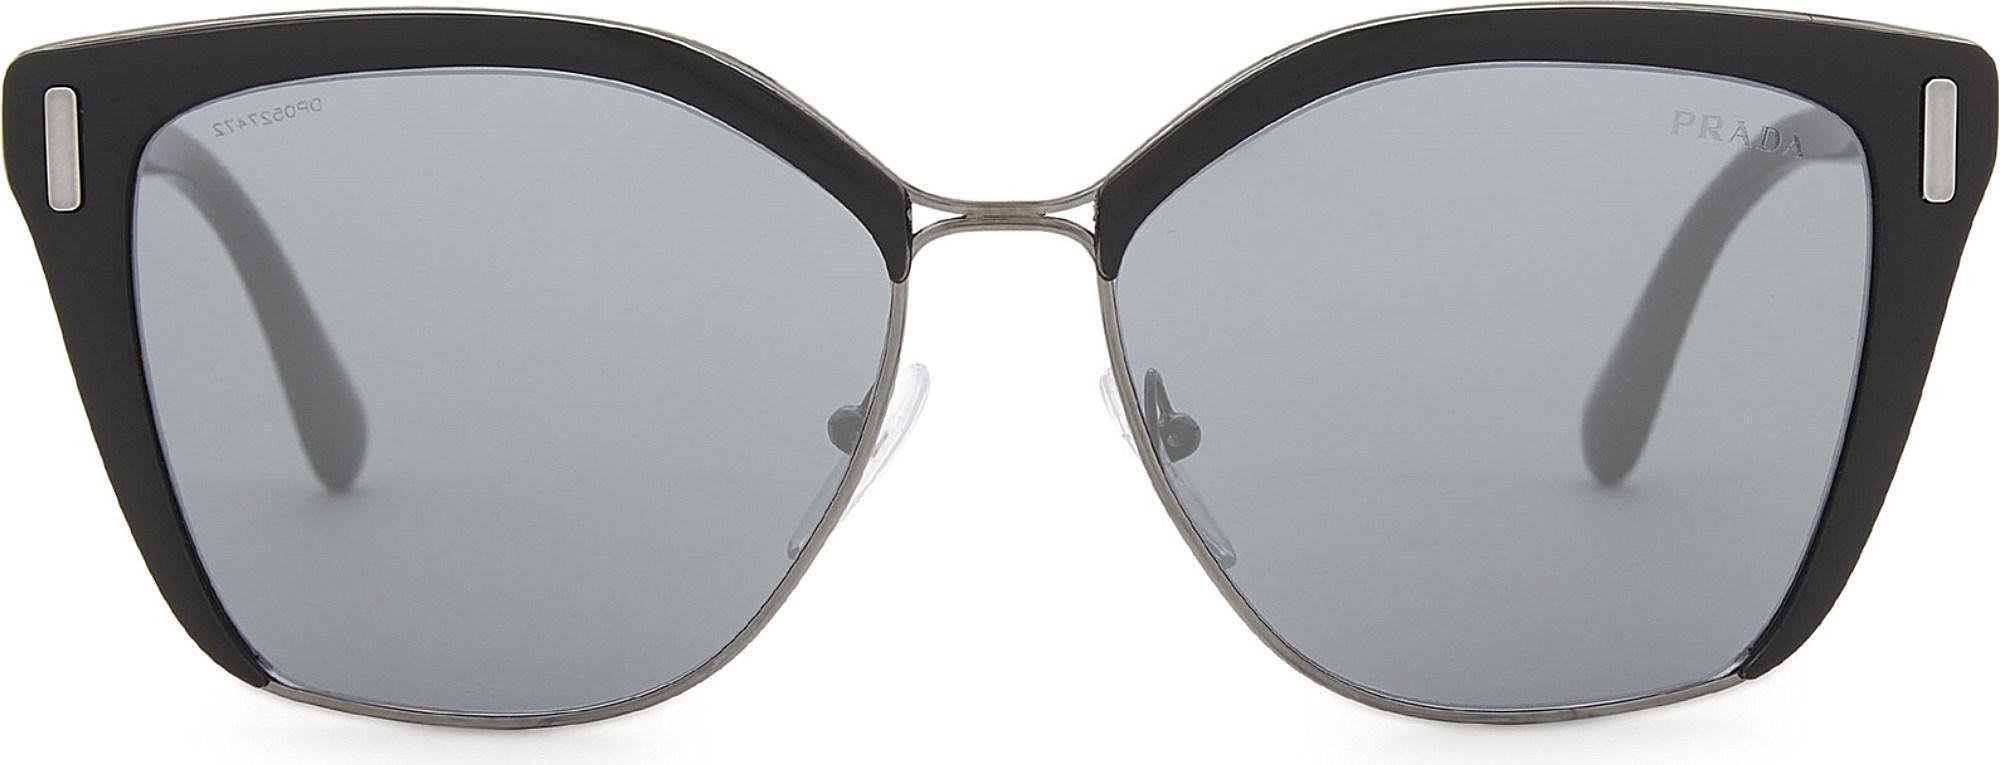 a7fdf9af29 Lyst - Prada Womens Silver Pr56ts Square-frame Sunglasses